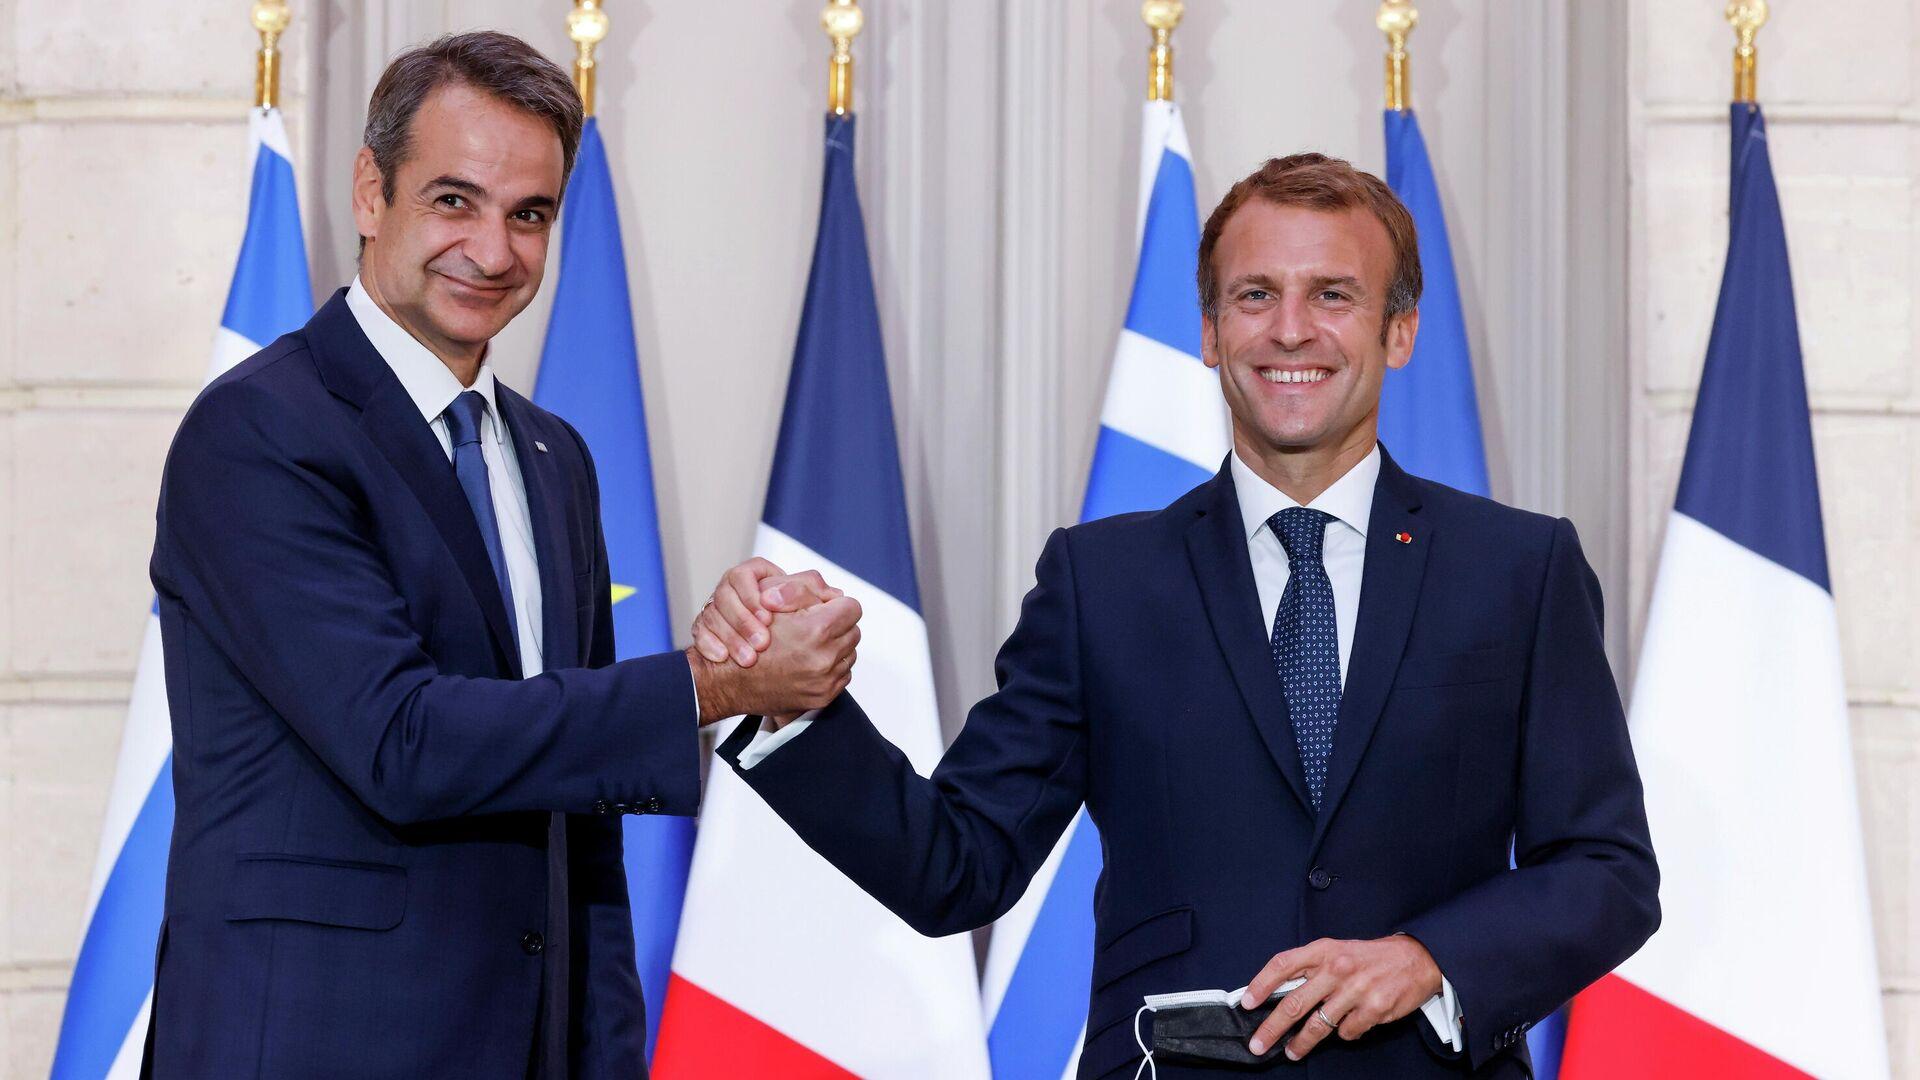 Paris'i ziyaret eden Yunanistan Başbakanı Kiriakos Miçotakis, silah ve savunma anlaşmaları yaptığı Fransa Cumhurbaşkanı  Emmanuel Macron ile el sıkışırken (28 Eylül 2021) - Sputnik Türkiye, 1920, 28.09.2021